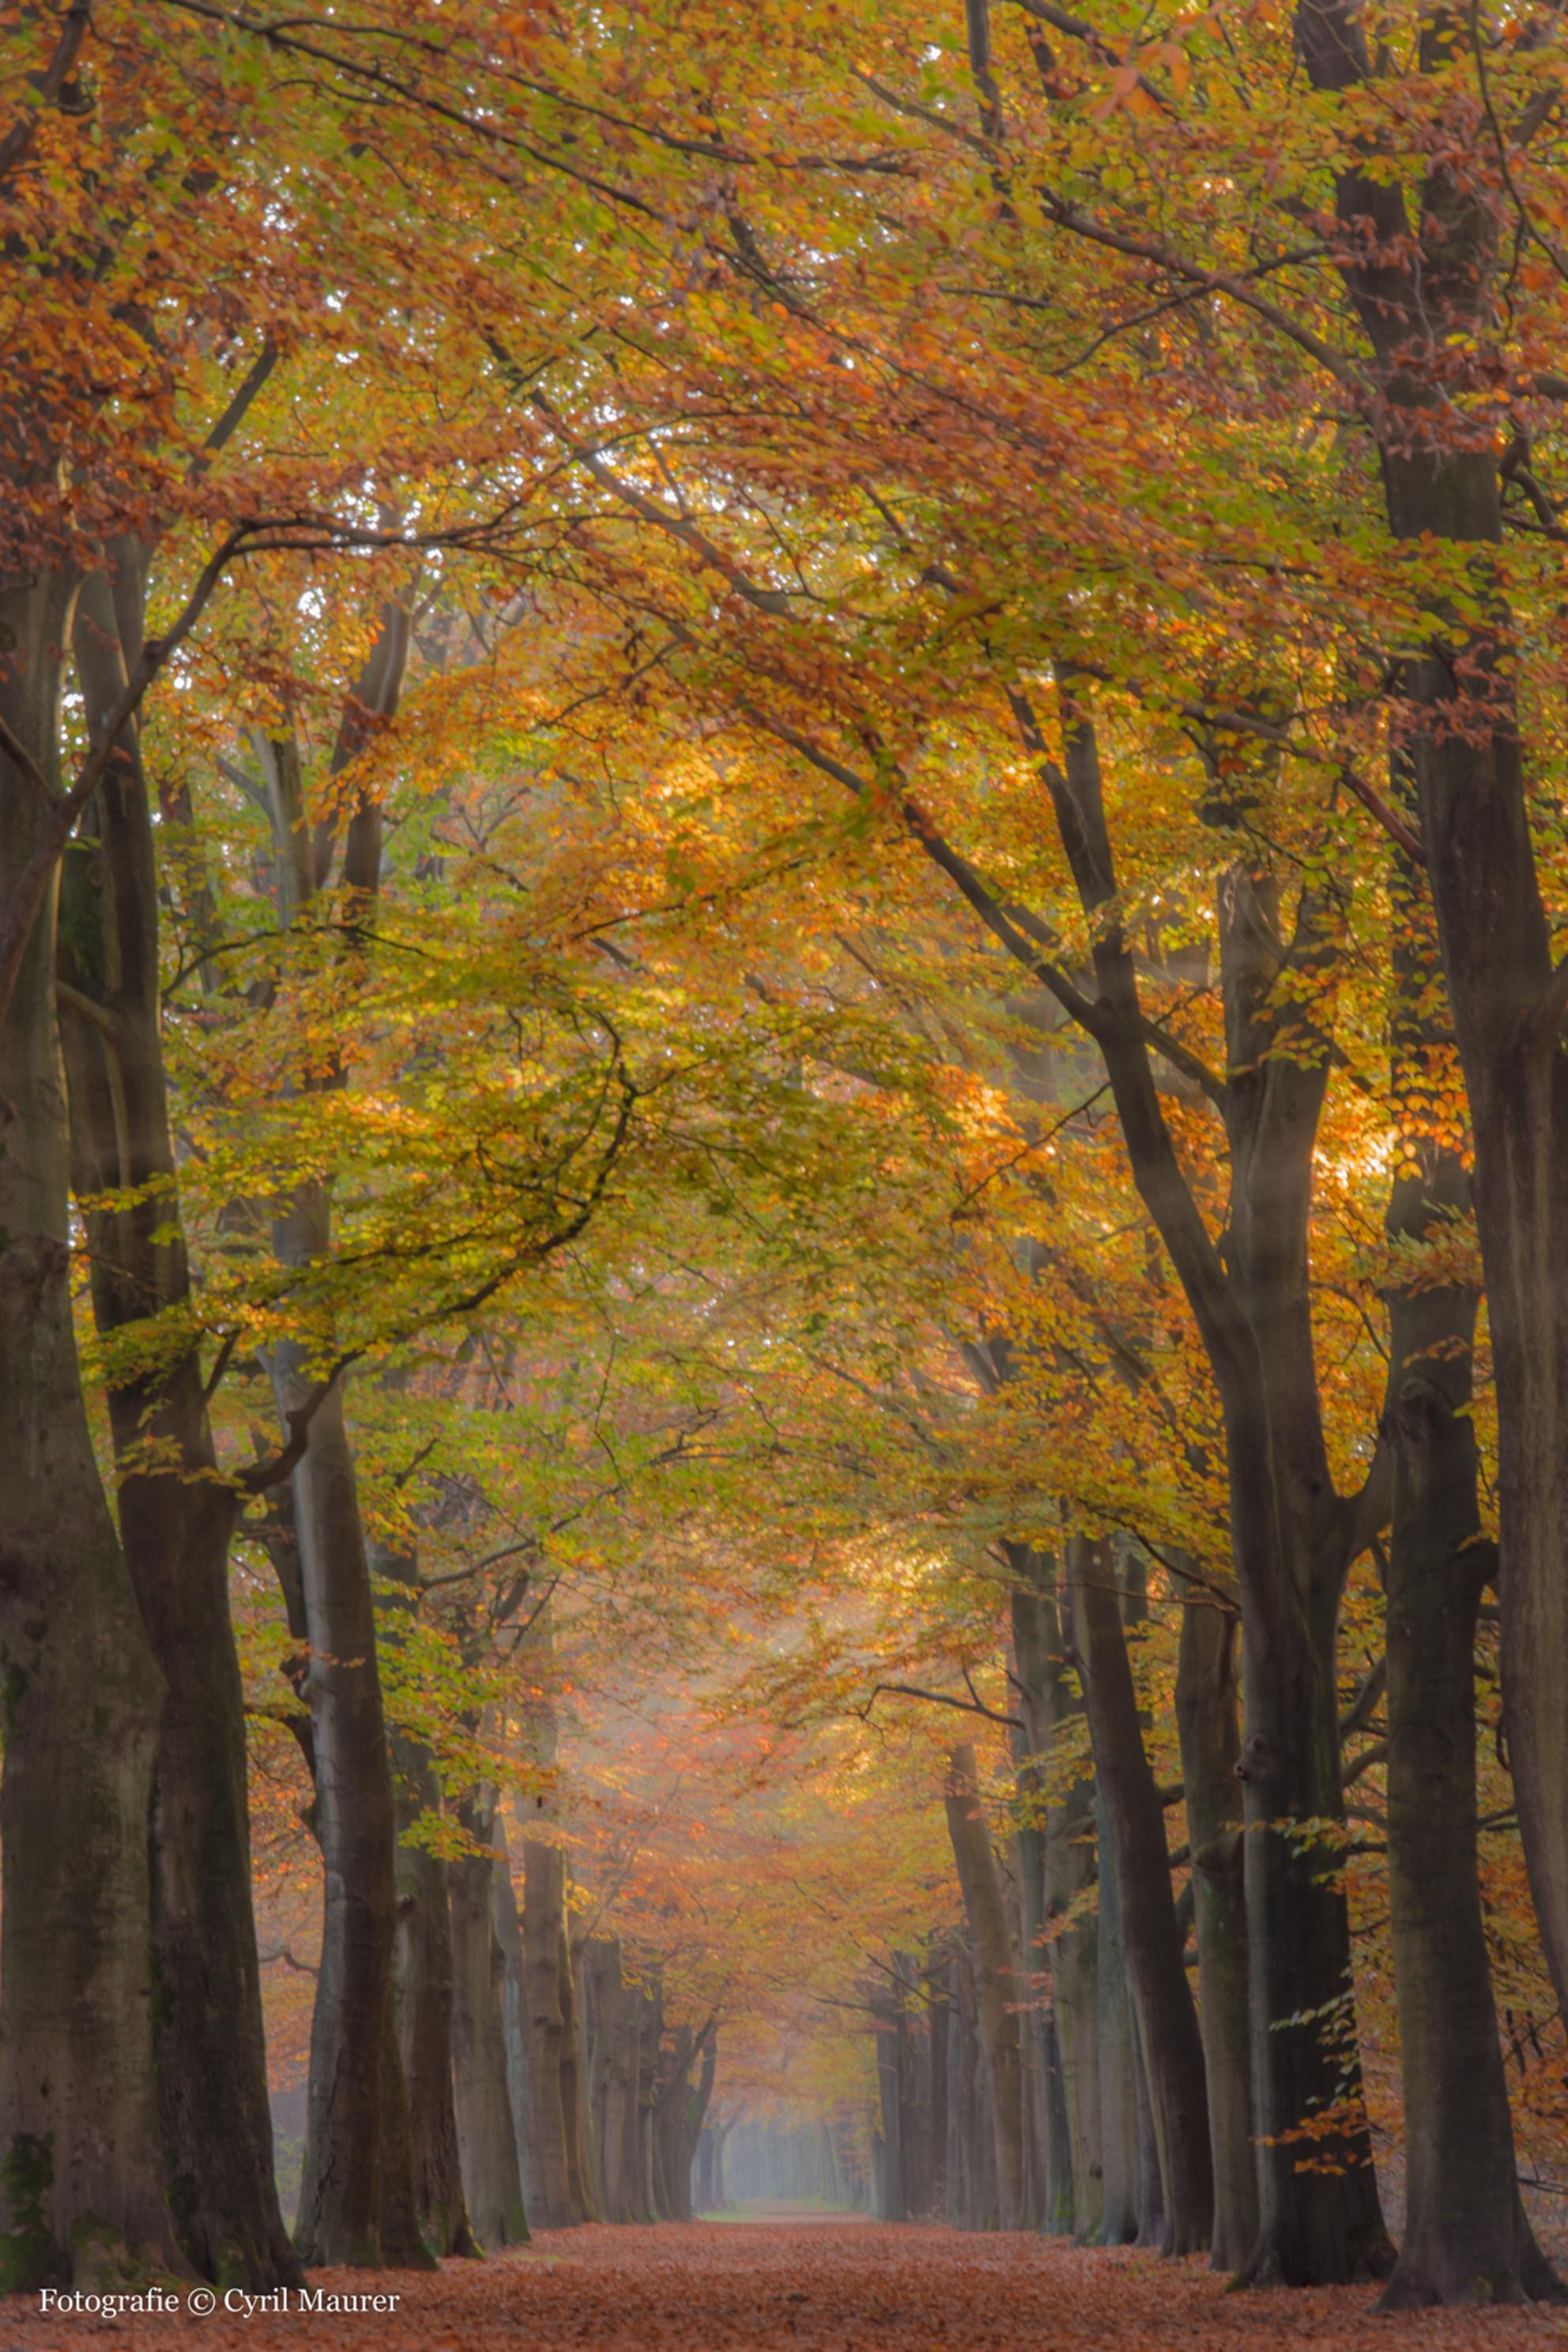 Herfst kleuren pracht - Hallo beste meden zoomers jullie zullen wel gemerkt hebben dat ik niet meer zo actief was op zoom . Ben erg druk geweest met een nieuwe baan zoeken . - foto door sipmaurer op 11-12-2015 - deze foto bevat: natuur, herfst, landschap, bos, bomen, kleurijk